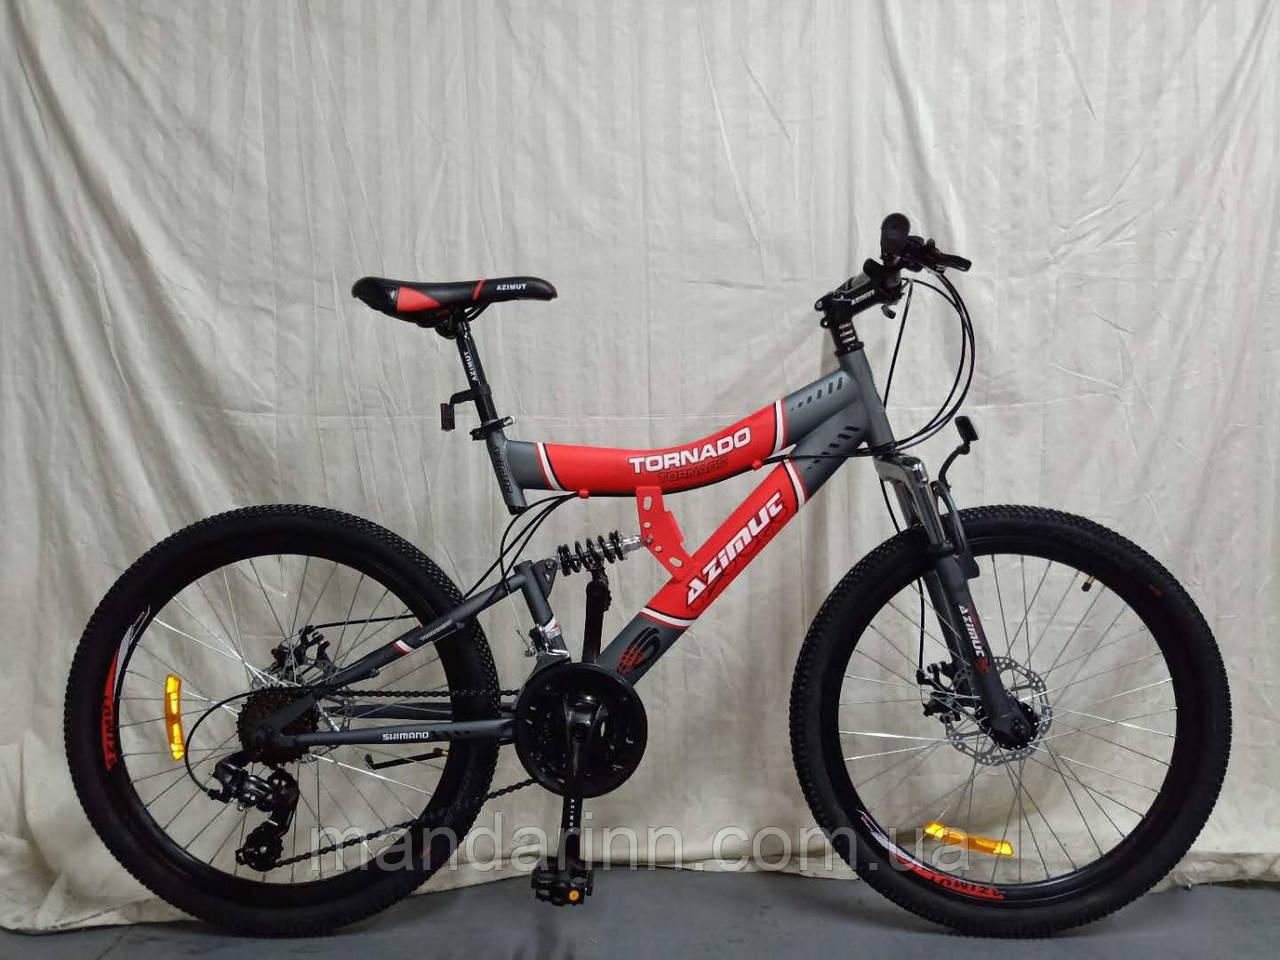 Горный велосипед Azimut Tornado 26 дюймов. Дисковые тормоза. Красно-серый.